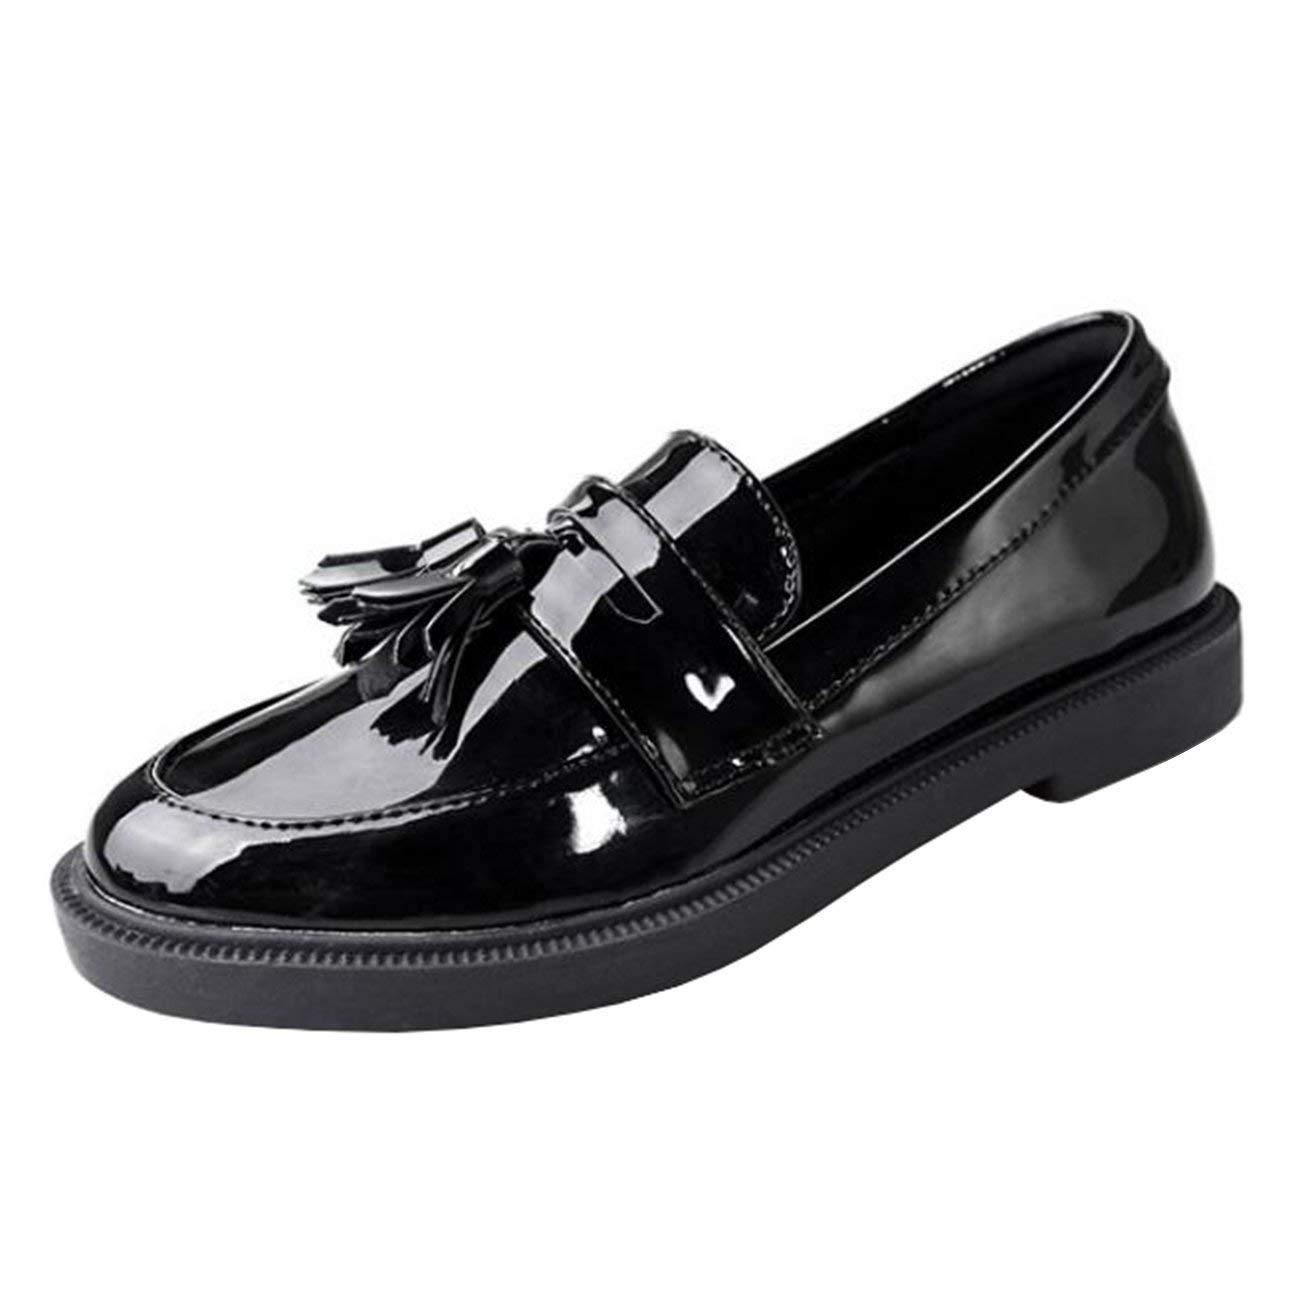 Fuxitoggo Fuxitoggo Fuxitoggo Damen Runde Toe Block-Heel Slip-On Quaste Loafers (Farbe   Schwarz Größe   7 UK) fef413